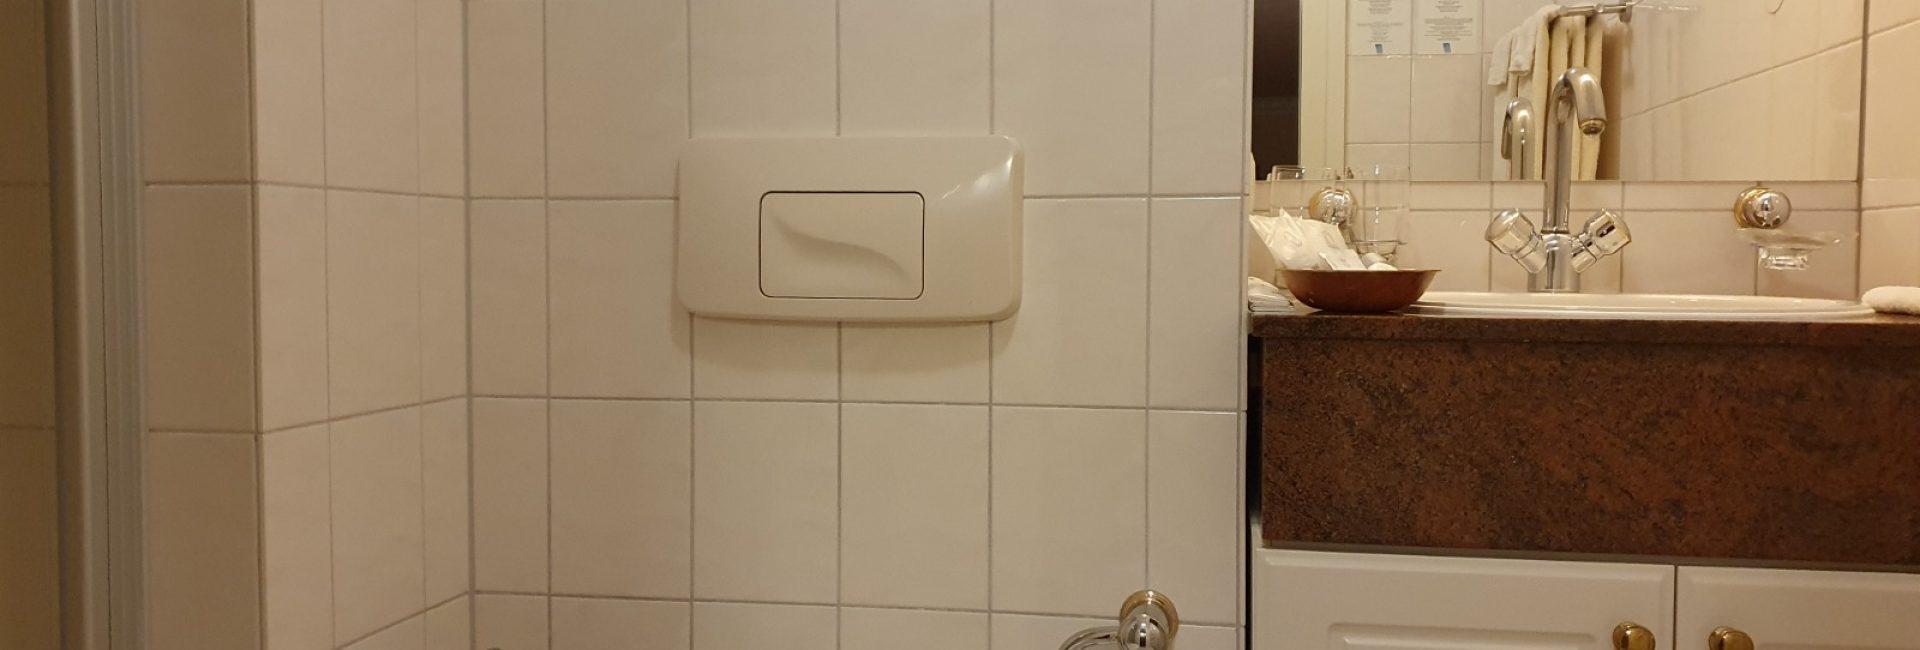 Bruidsuitte badkamer